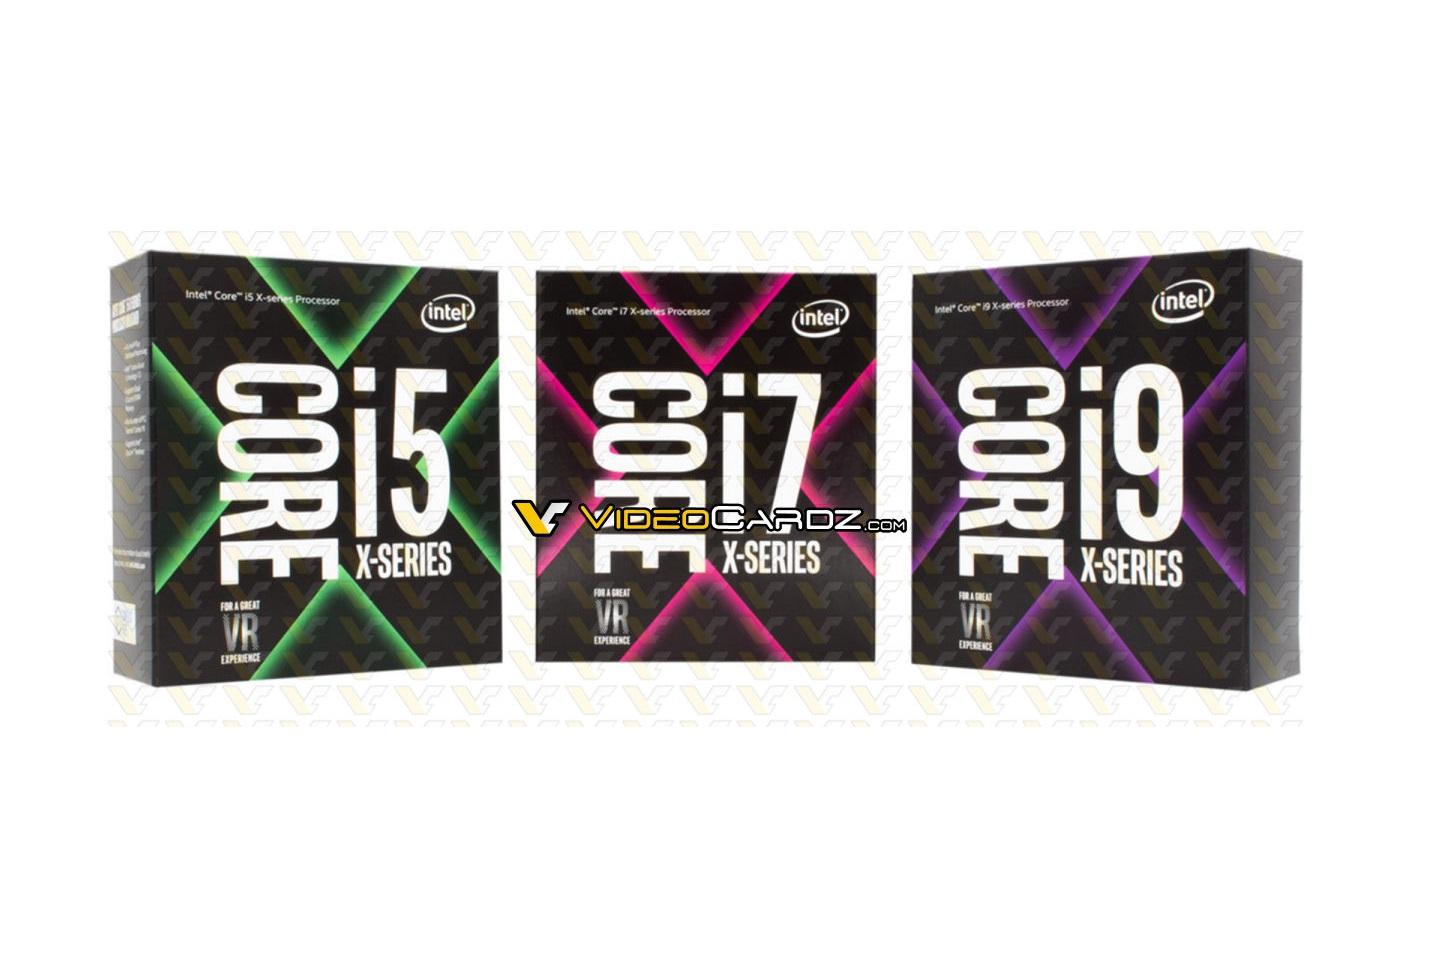 Intel prestes a lançar 18-core Core i9-7980XE?